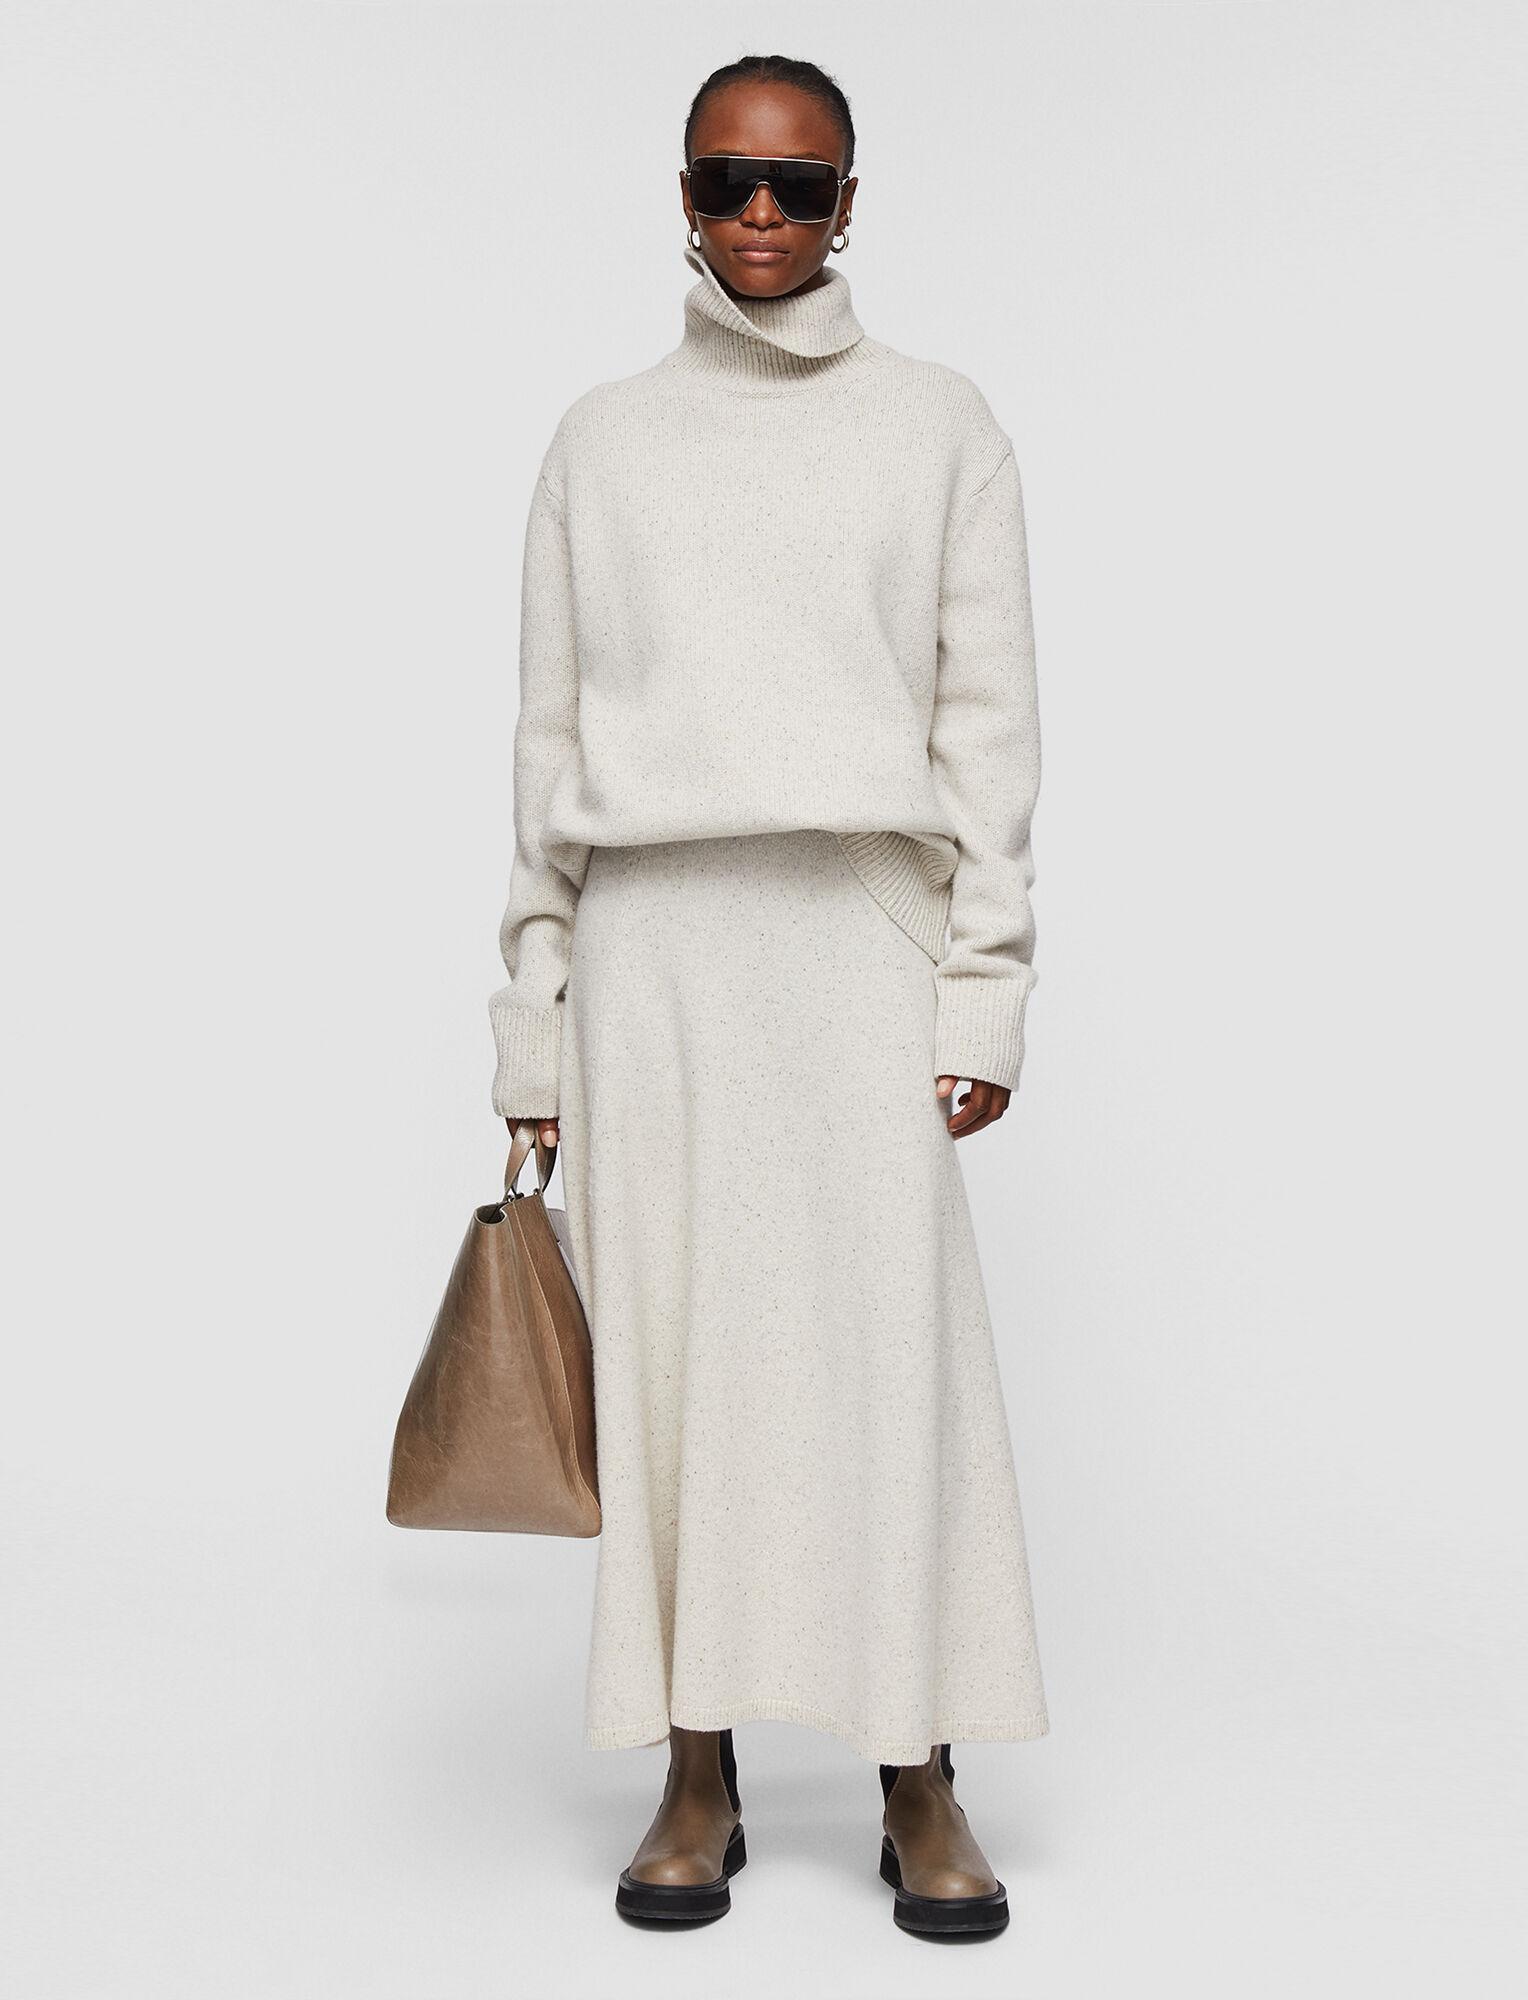 Joseph, Tweed Knit Skirt, in SANDSHELL